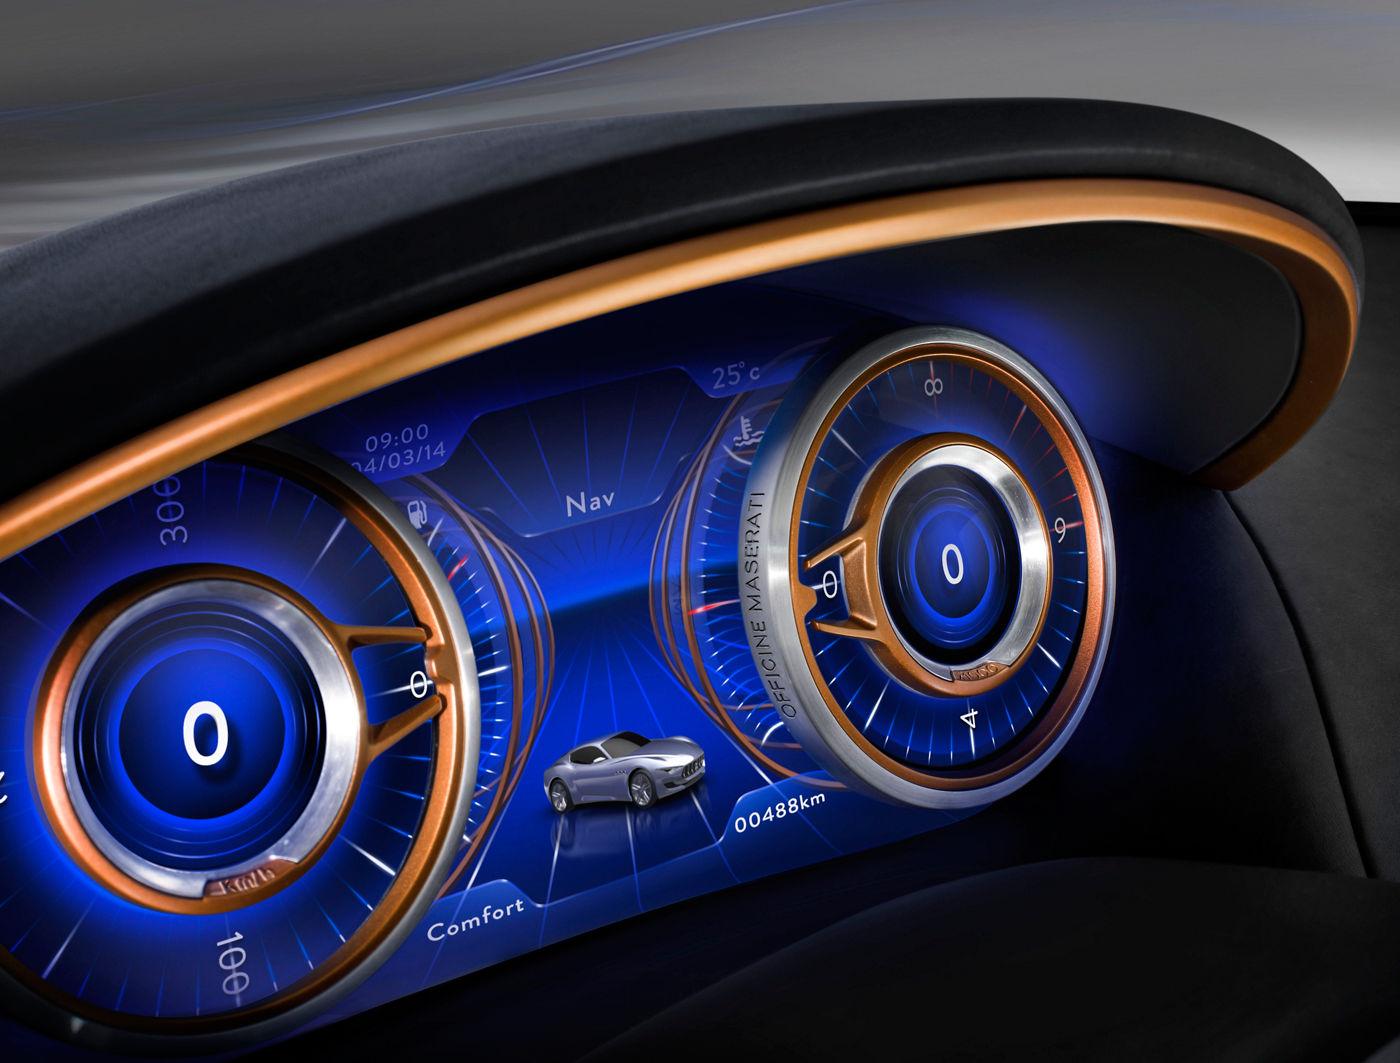 Maserati Alfieri Concept Car - Interni, dettaglio del cruscotto con navigatore